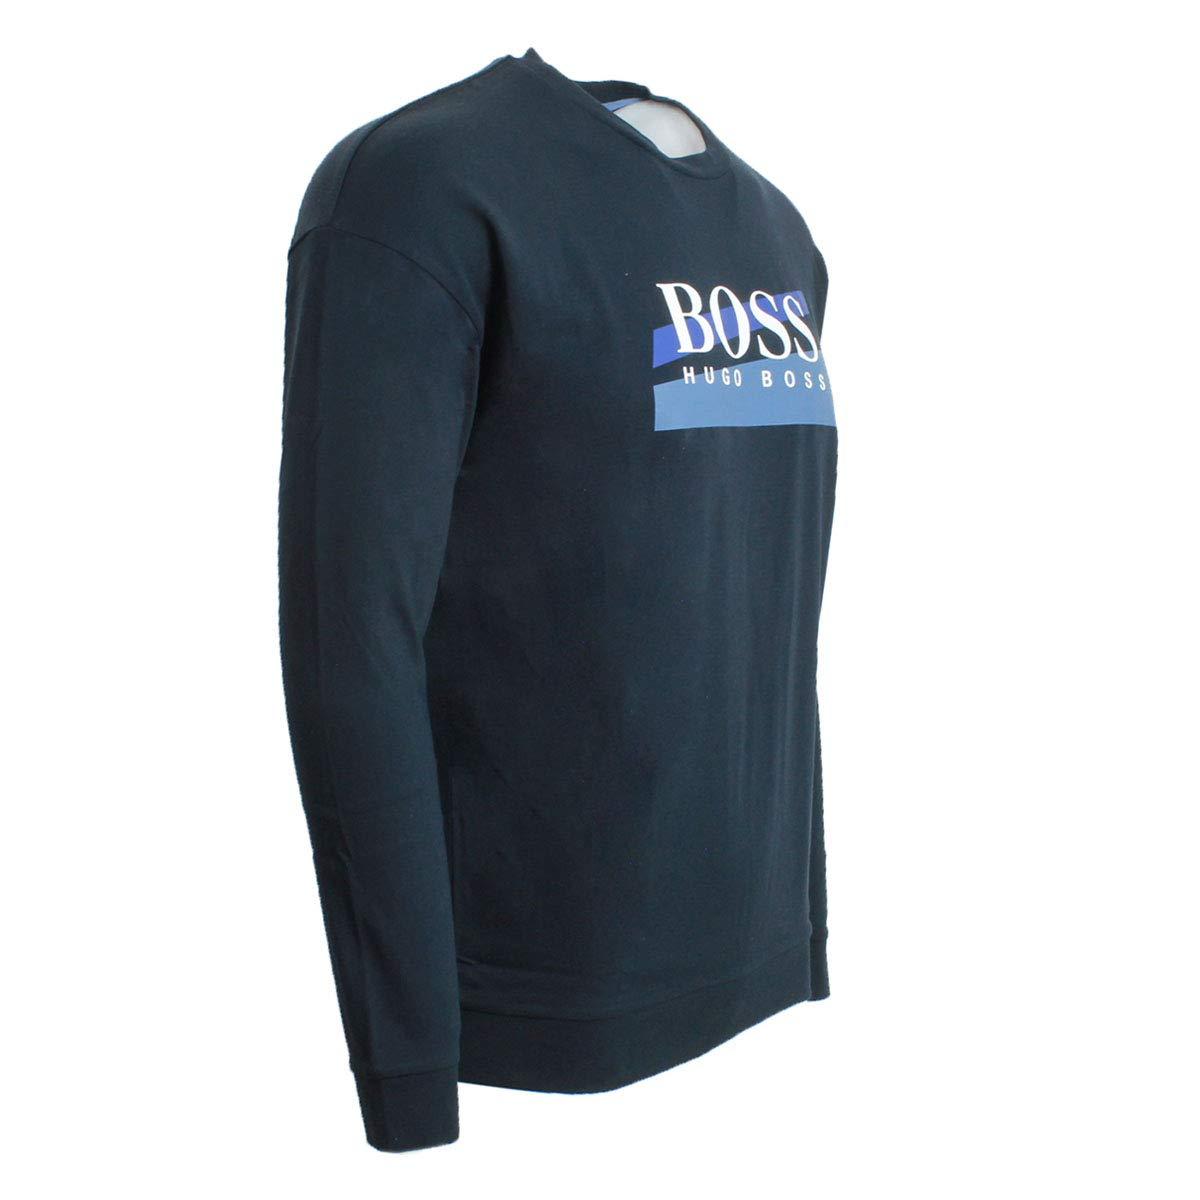 Hugo Boss Sweatshirt Authentic Sweatshirt 50414450 403 Navy